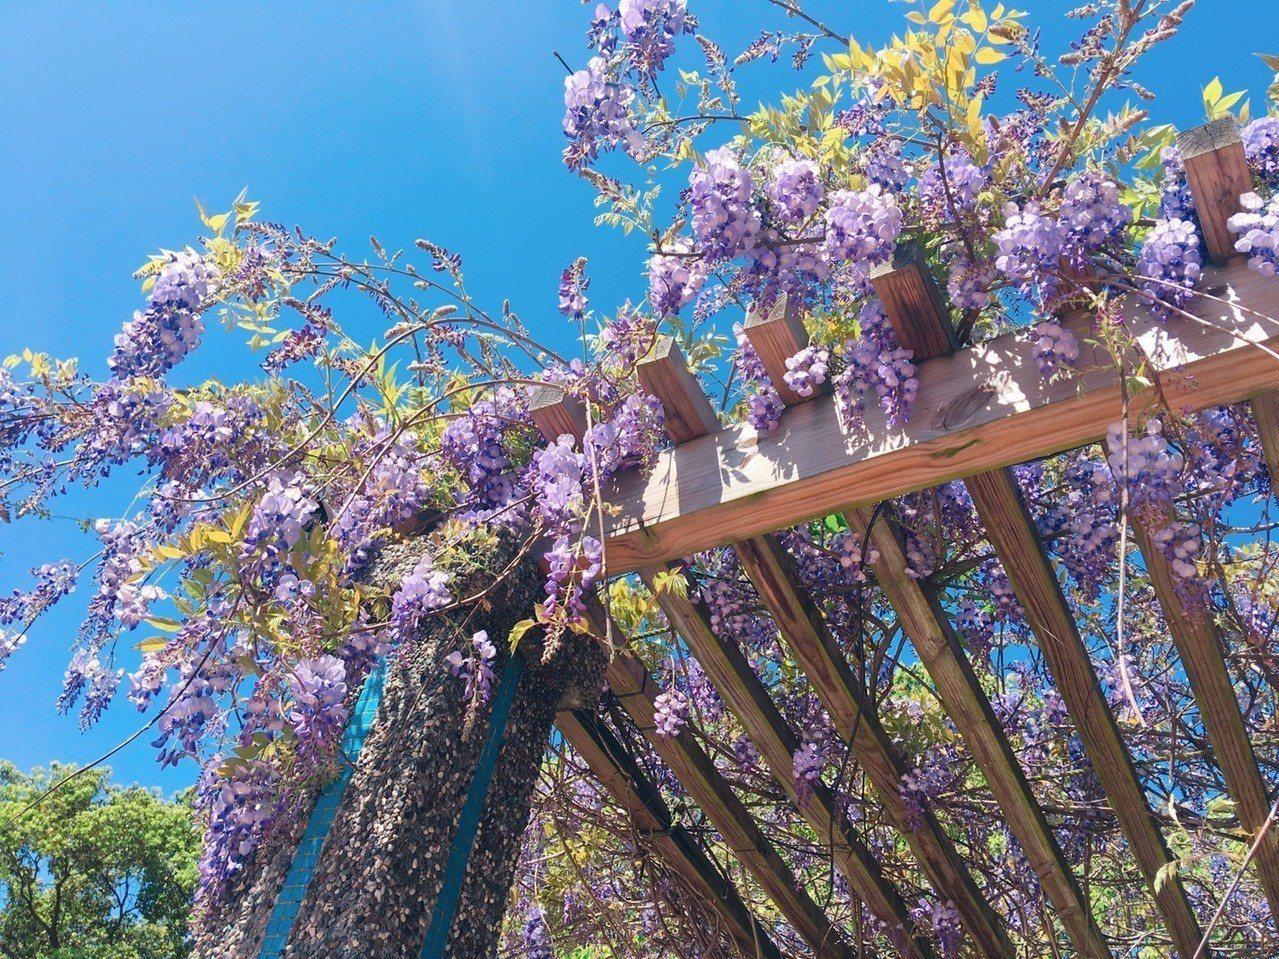 紫藤花期短,下周就會逐漸凋謝。圖/關西服務區提供